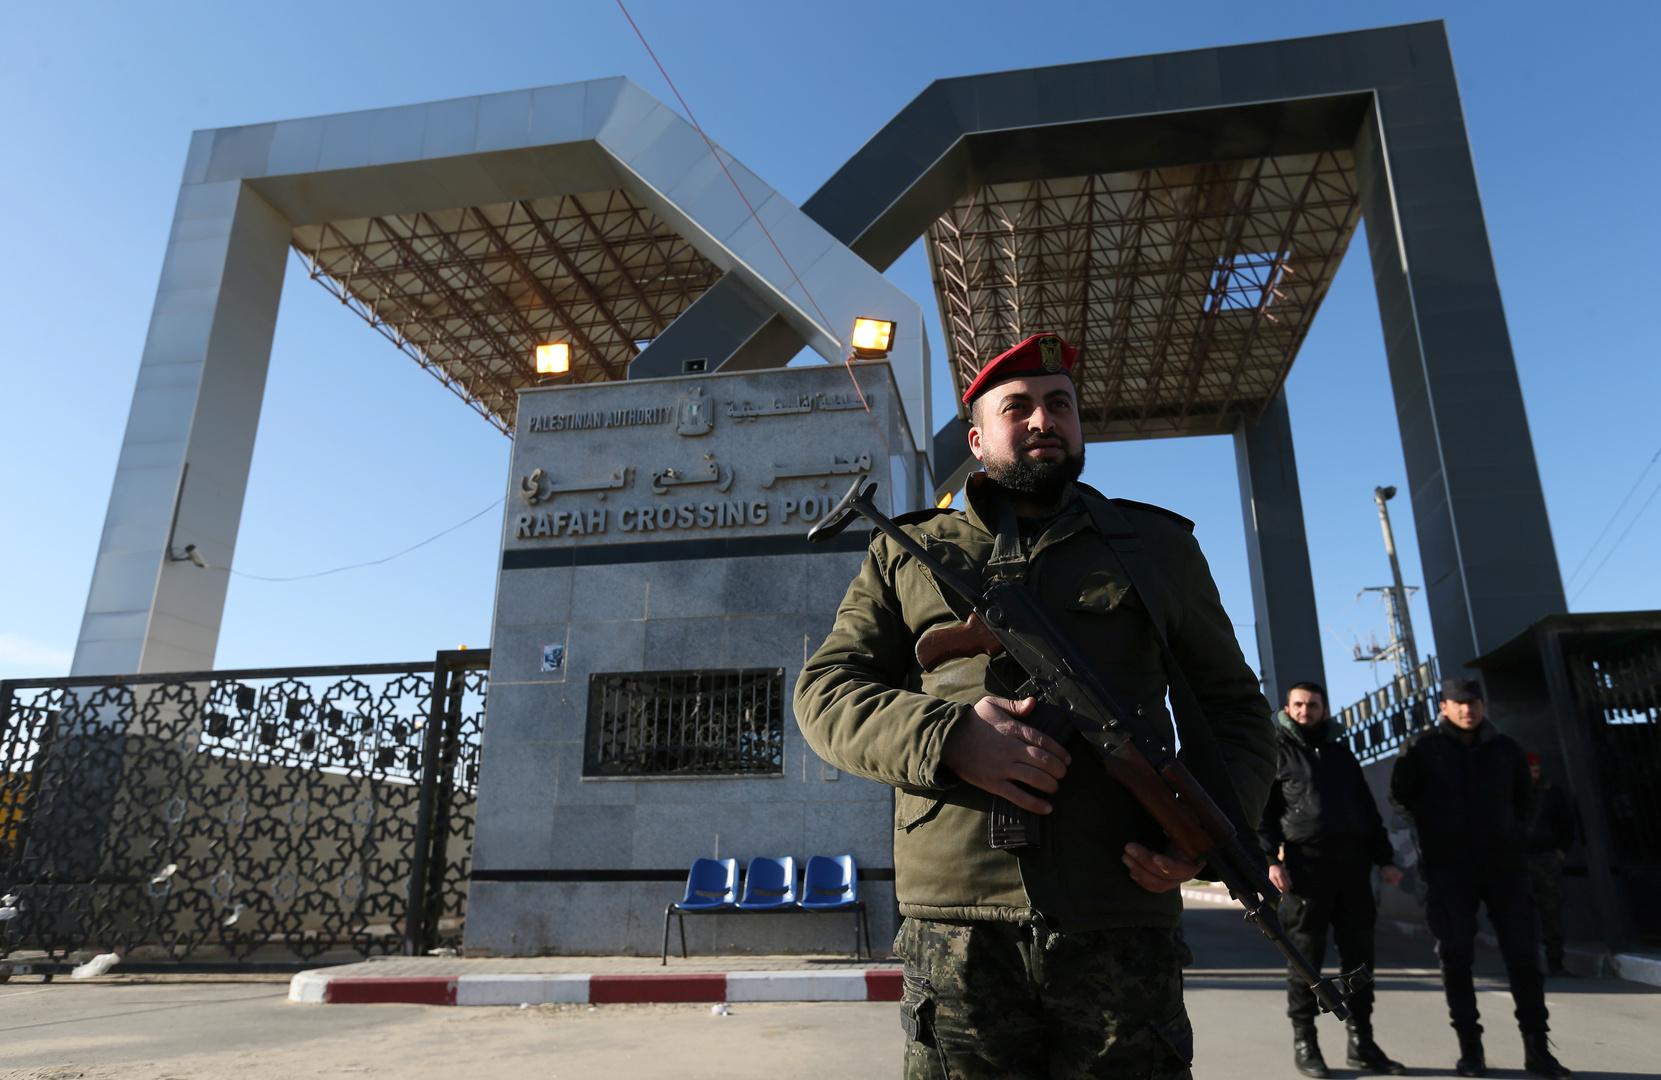 تفاهم تركي مصري لإبقاء معبر رفح مفتوحا لإيصال المساعدات إلى قطاع غزة